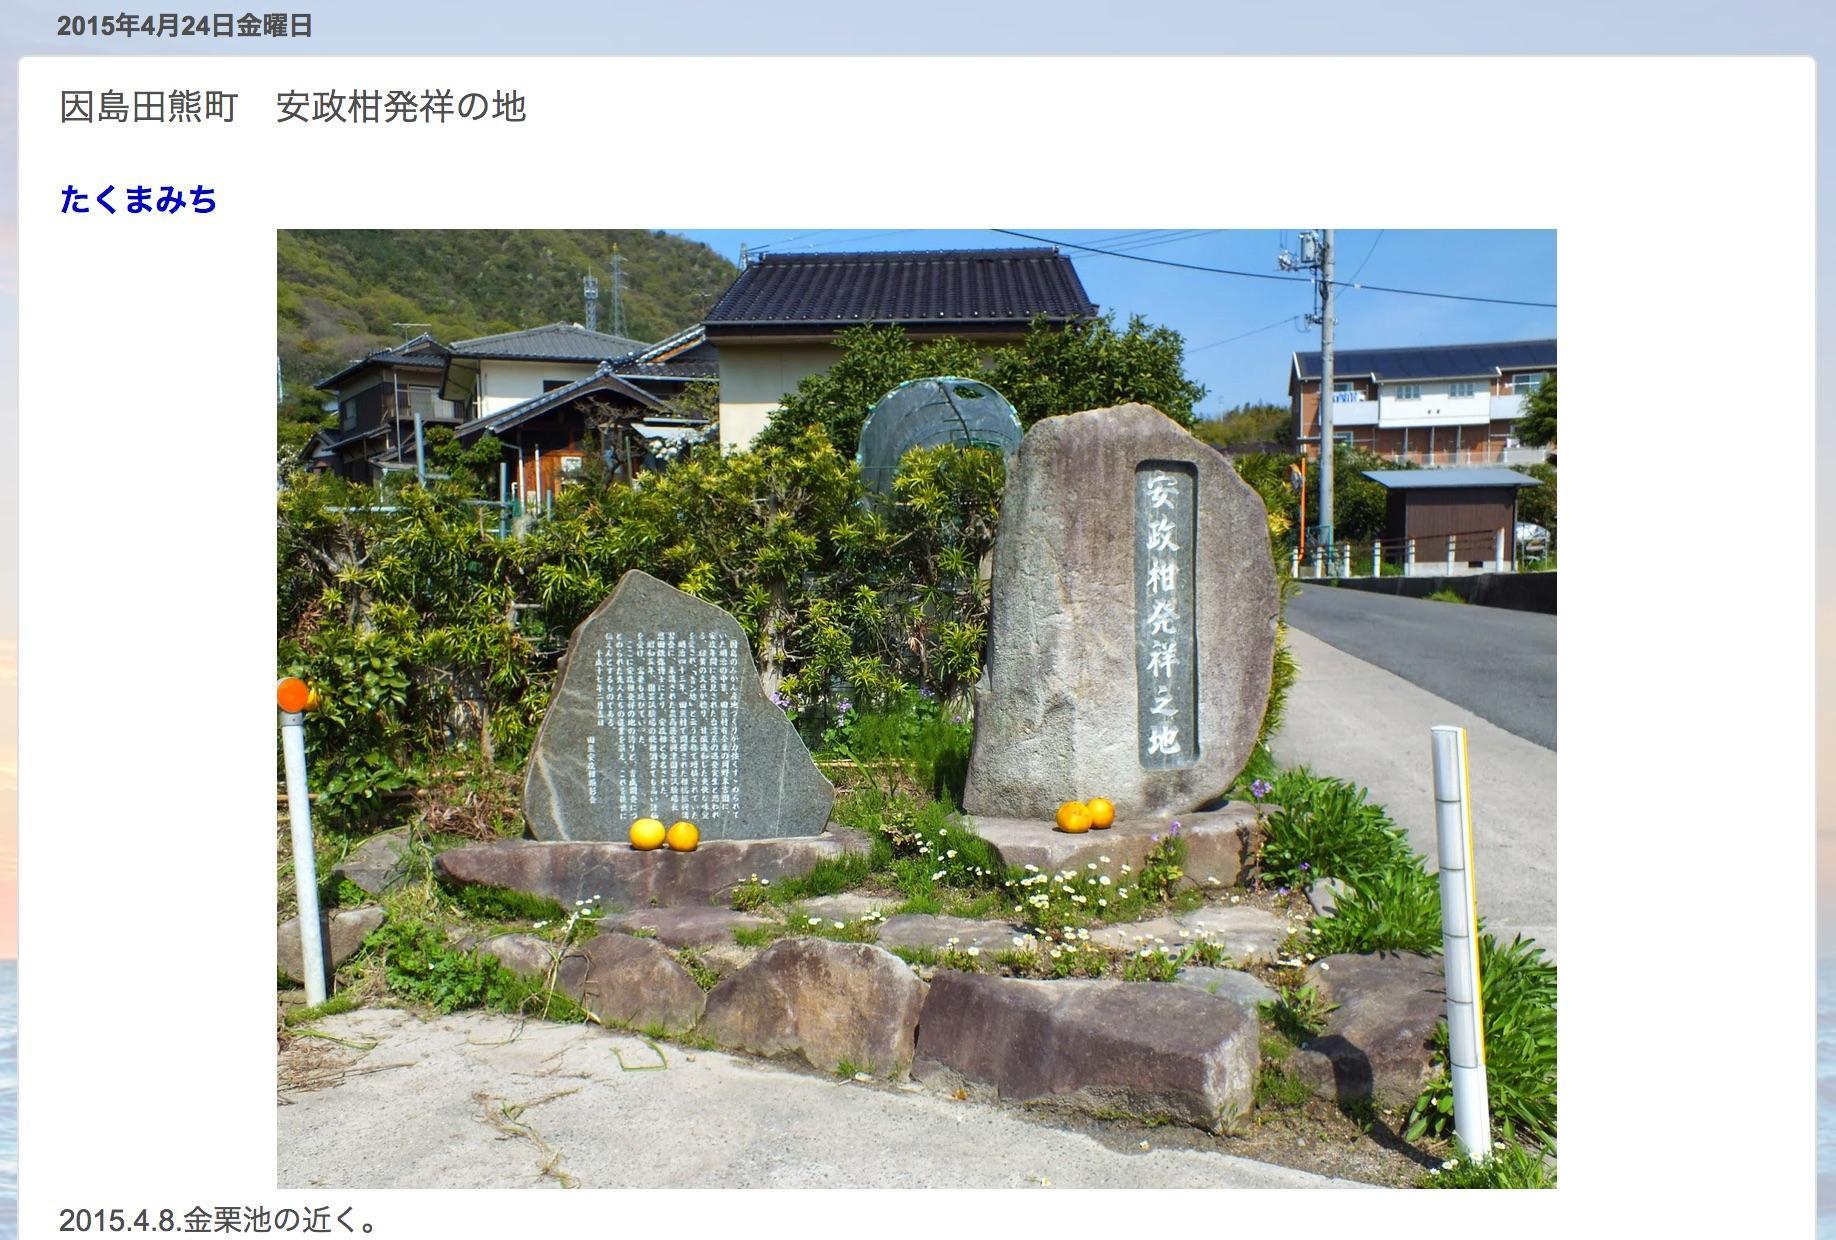 夕凪亭別館(写真館)__因島田熊町 安政柑発祥の地.jpg